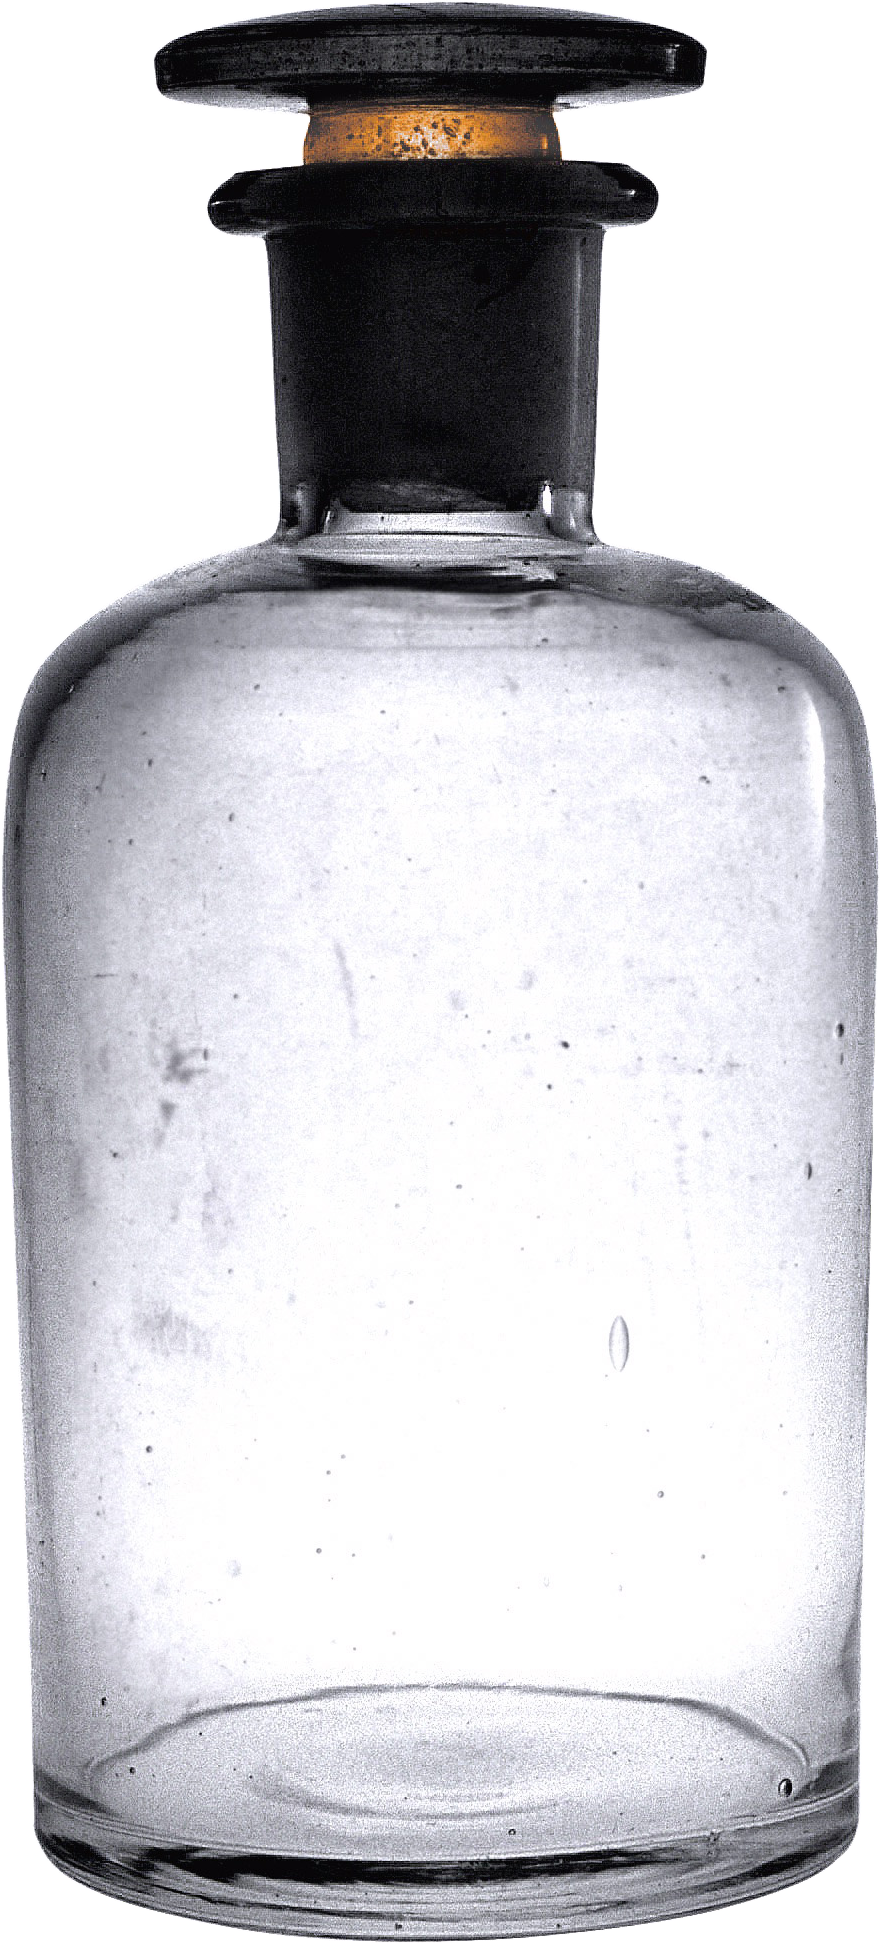 Download Bottle Png 4 HQ PNG Image.